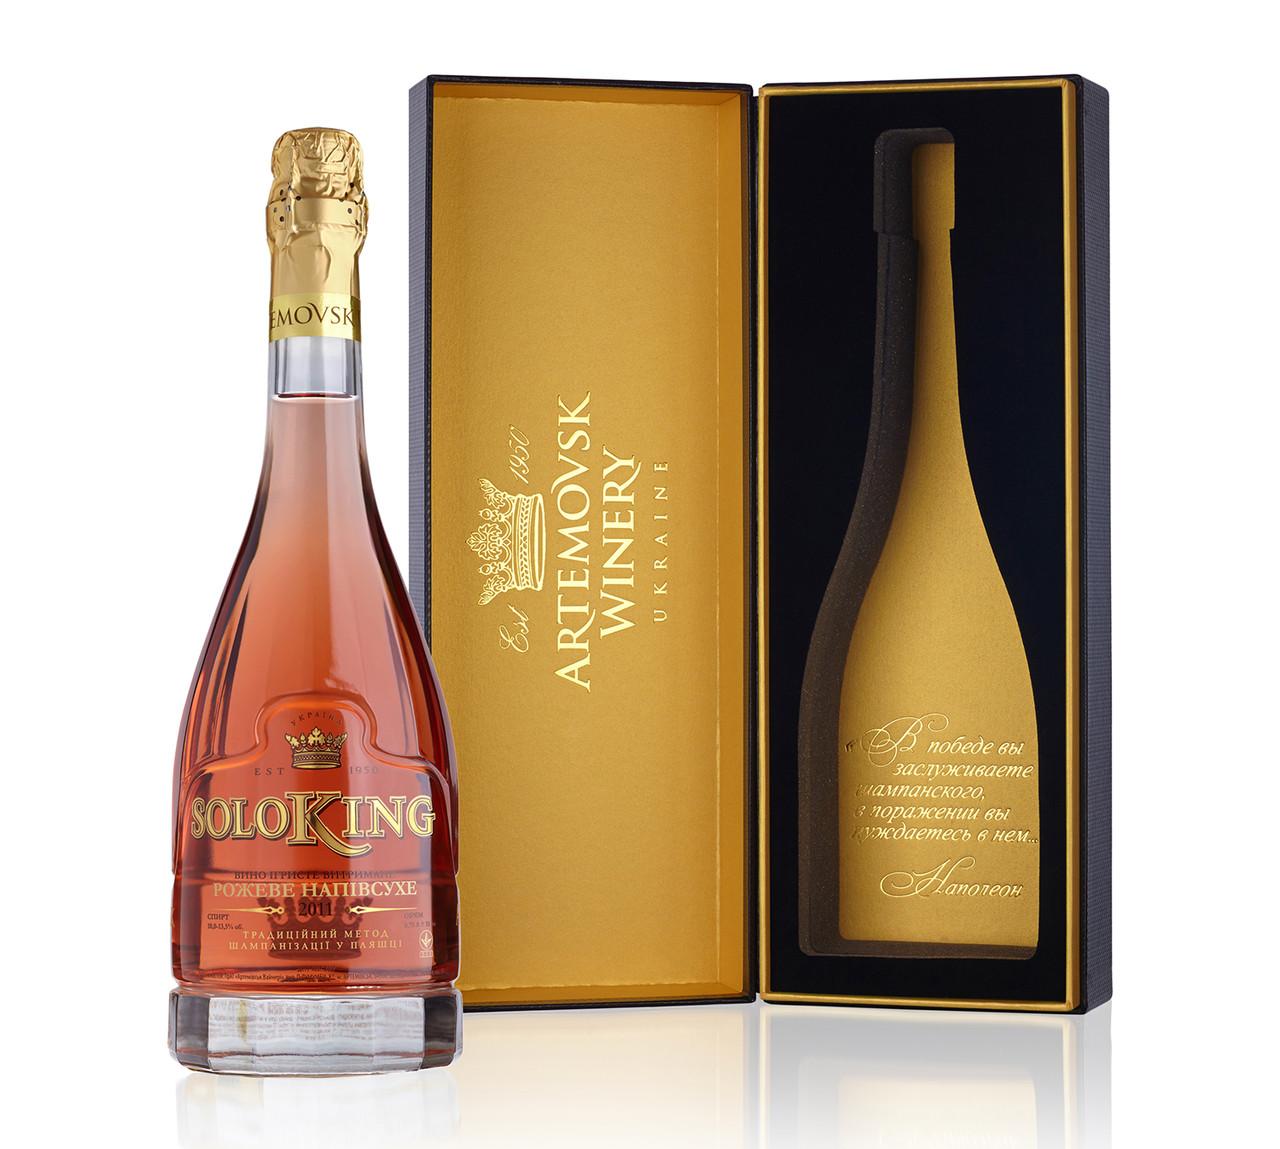 SOLOKING рожеве напівсухе вино ігристе у подарунковому коробі